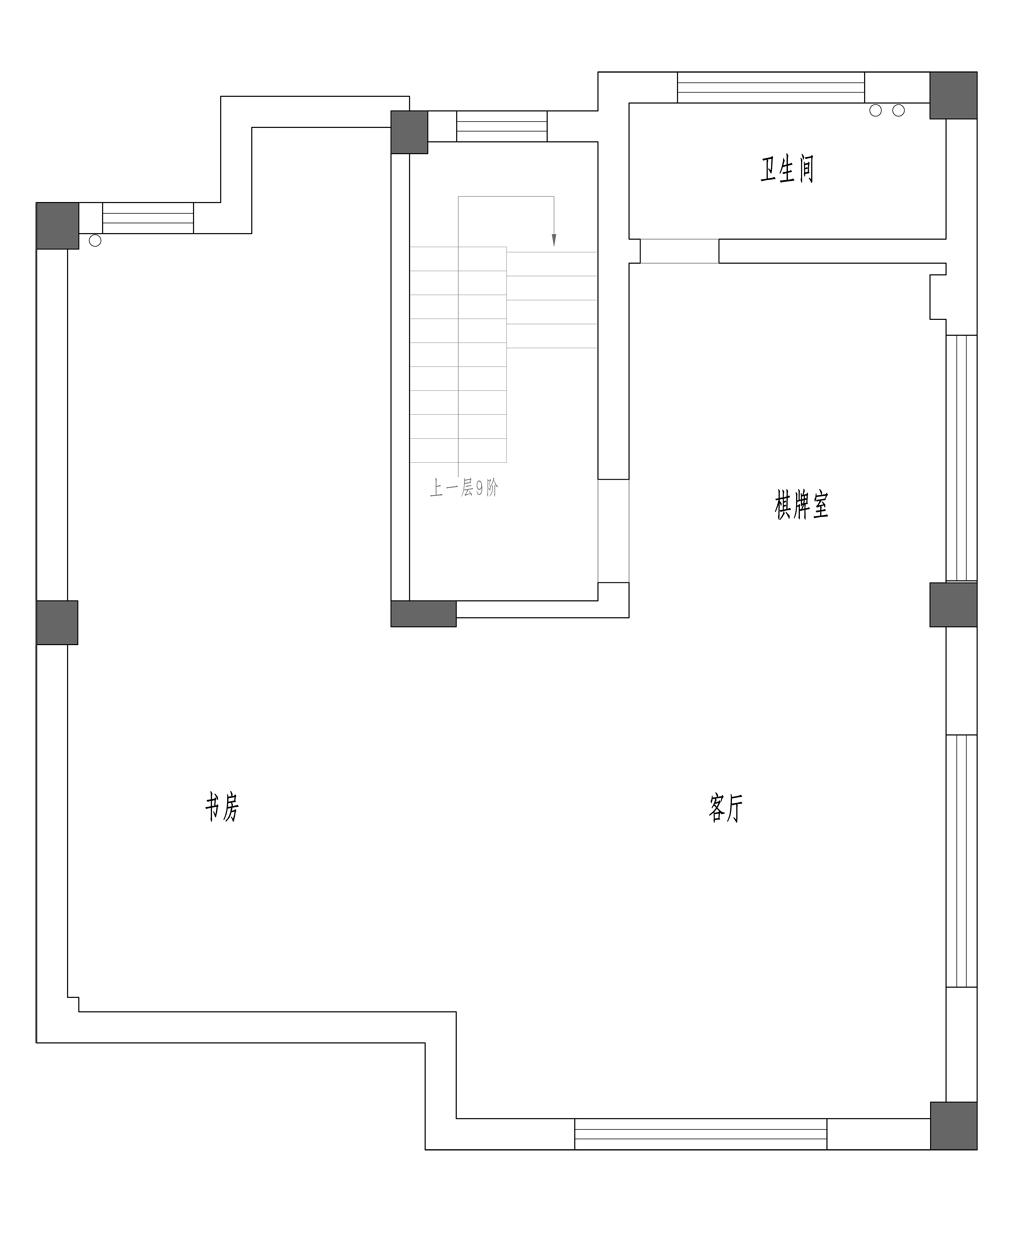 林泉山庄-现代简约-300㎡装修设计理念